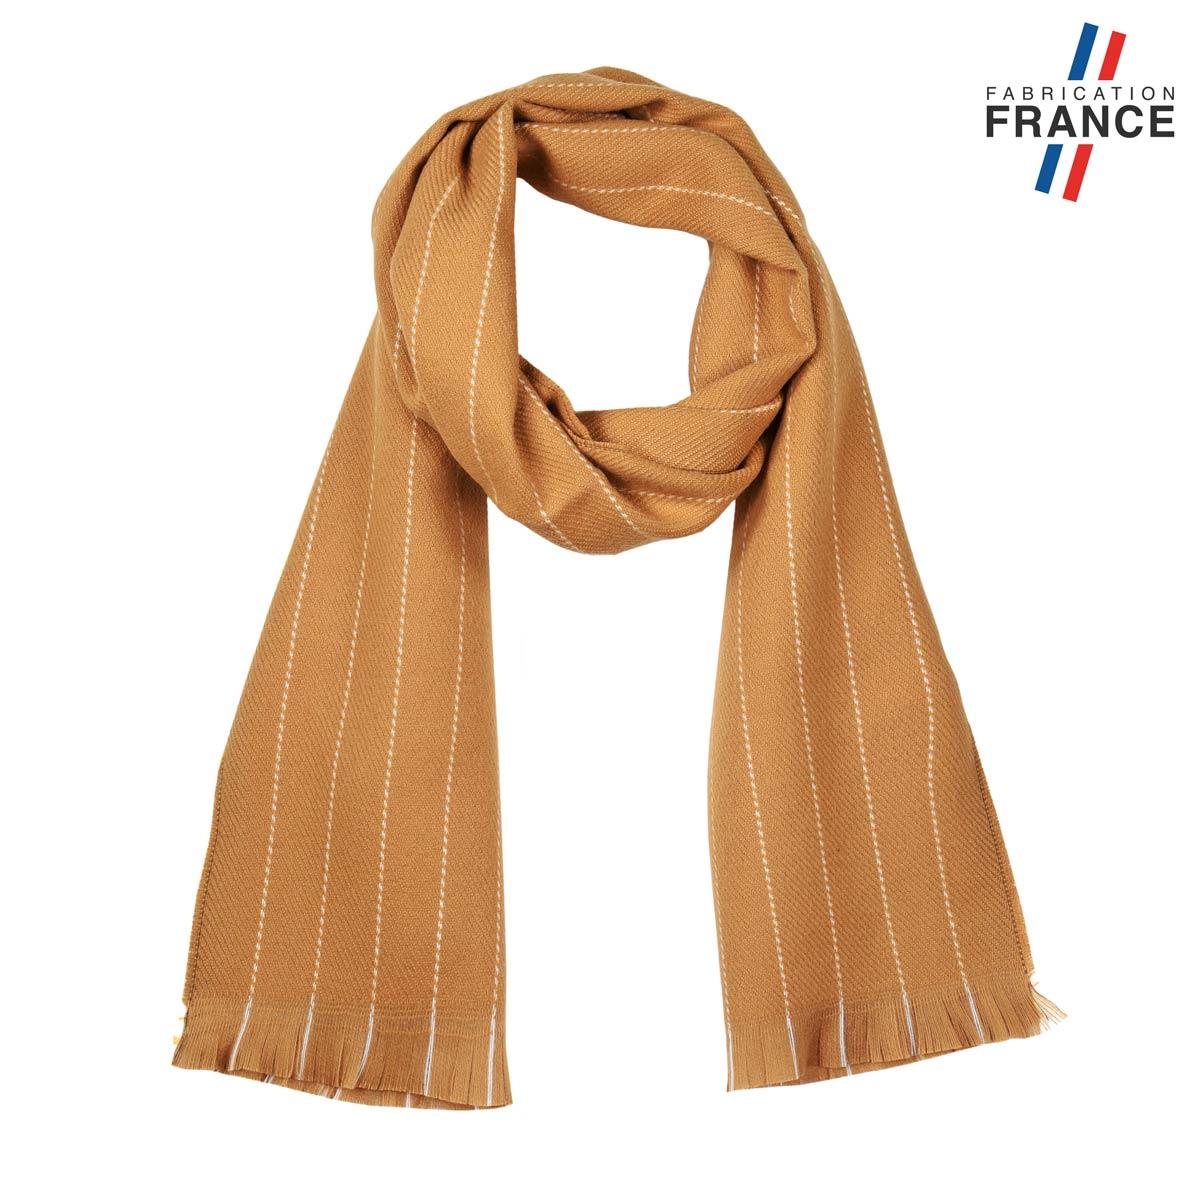 AT-05609_F12-1FR_Echarpe-beige-camel-made-in-france